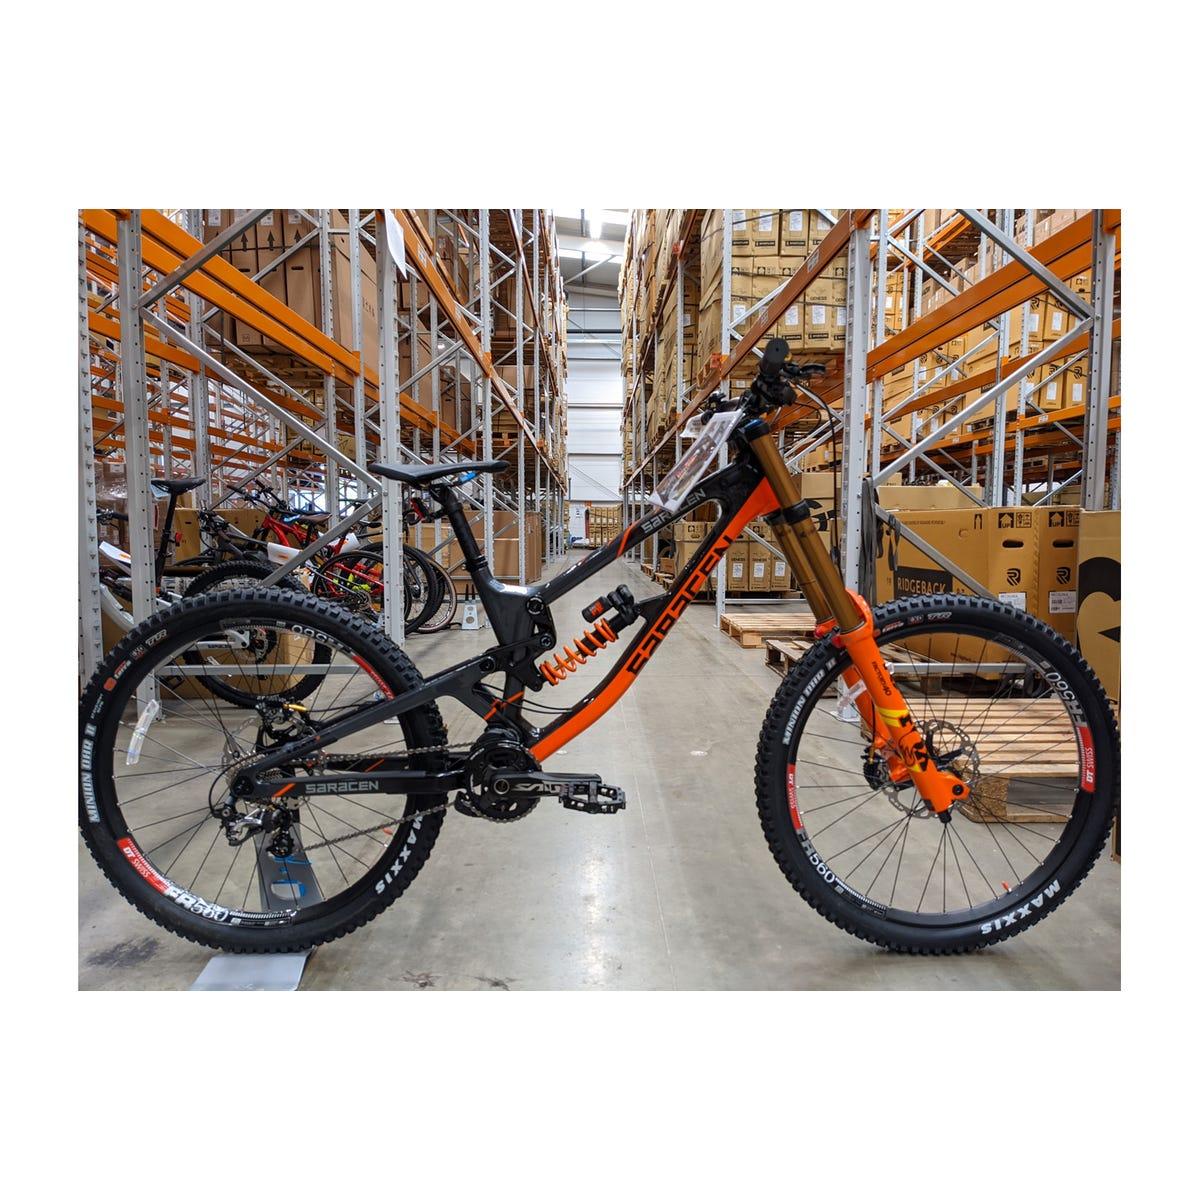 Saracen Myst Team Factory bike unused sample